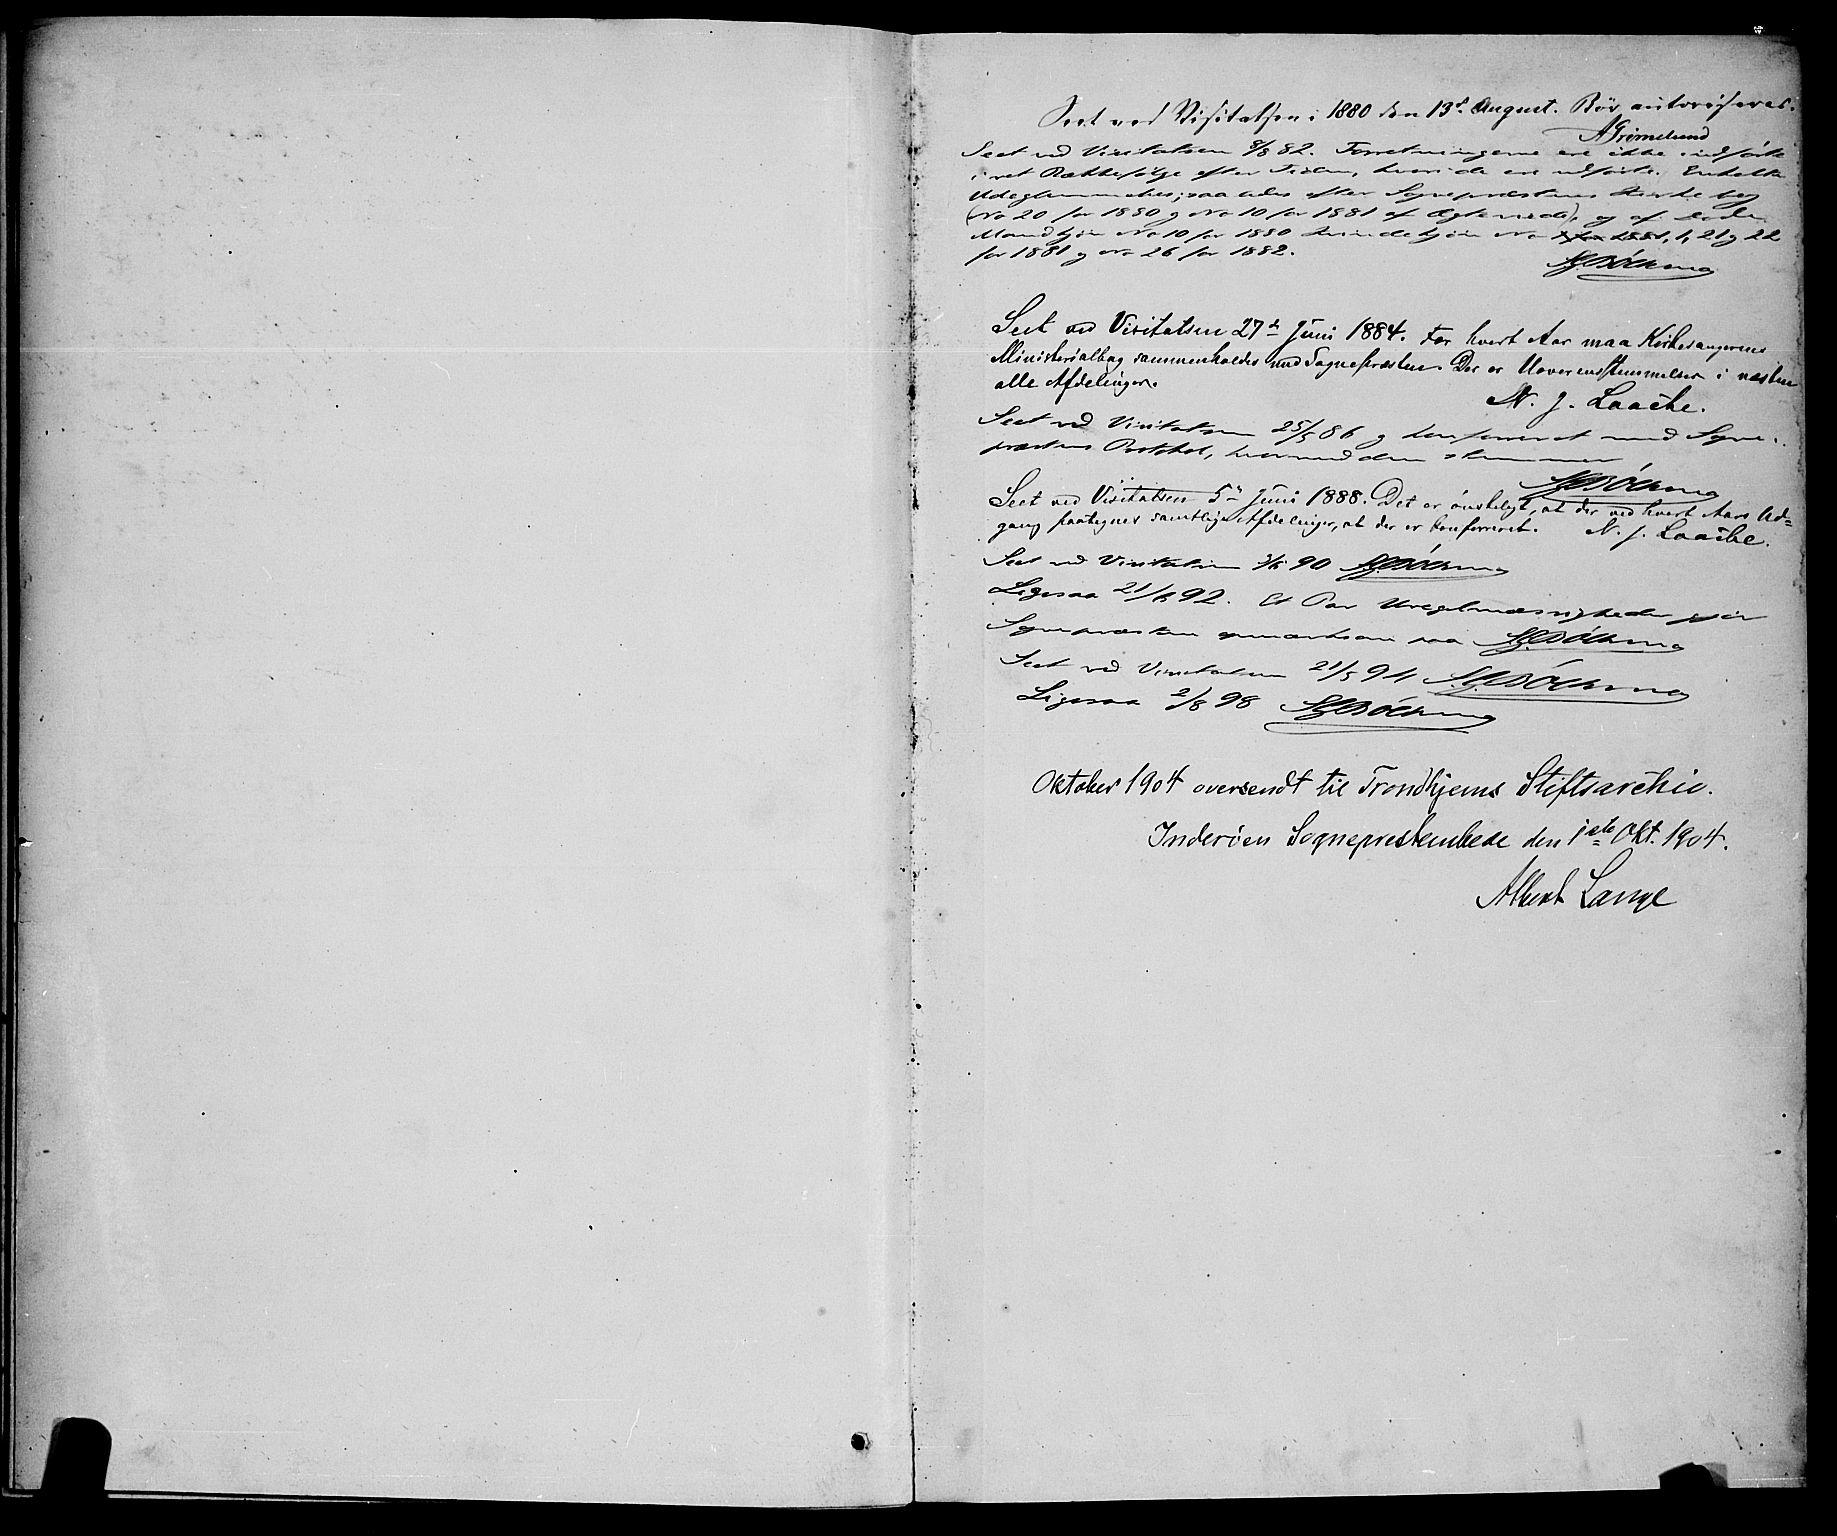 SAT, Ministerialprotokoller, klokkerbøker og fødselsregistre - Nord-Trøndelag, 730/L0301: Klokkerbok nr. 730C04, 1880-1897